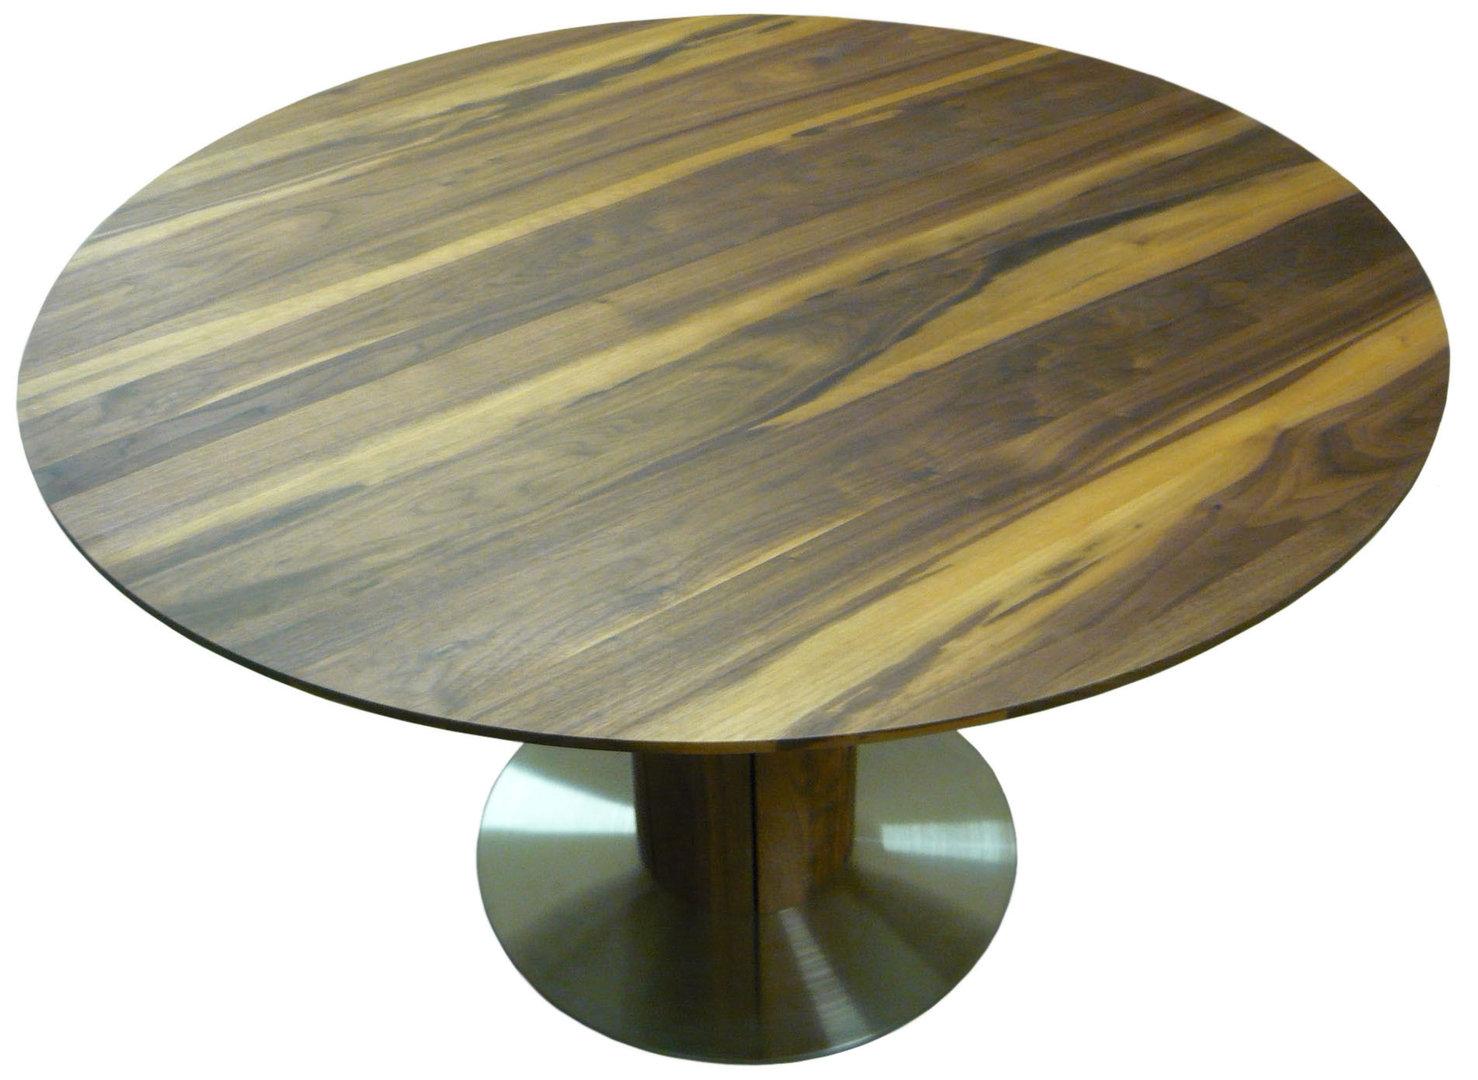 Tische rund und ausziehbar  runde tische ausziehbar  runder ausziehbarer Esstisch